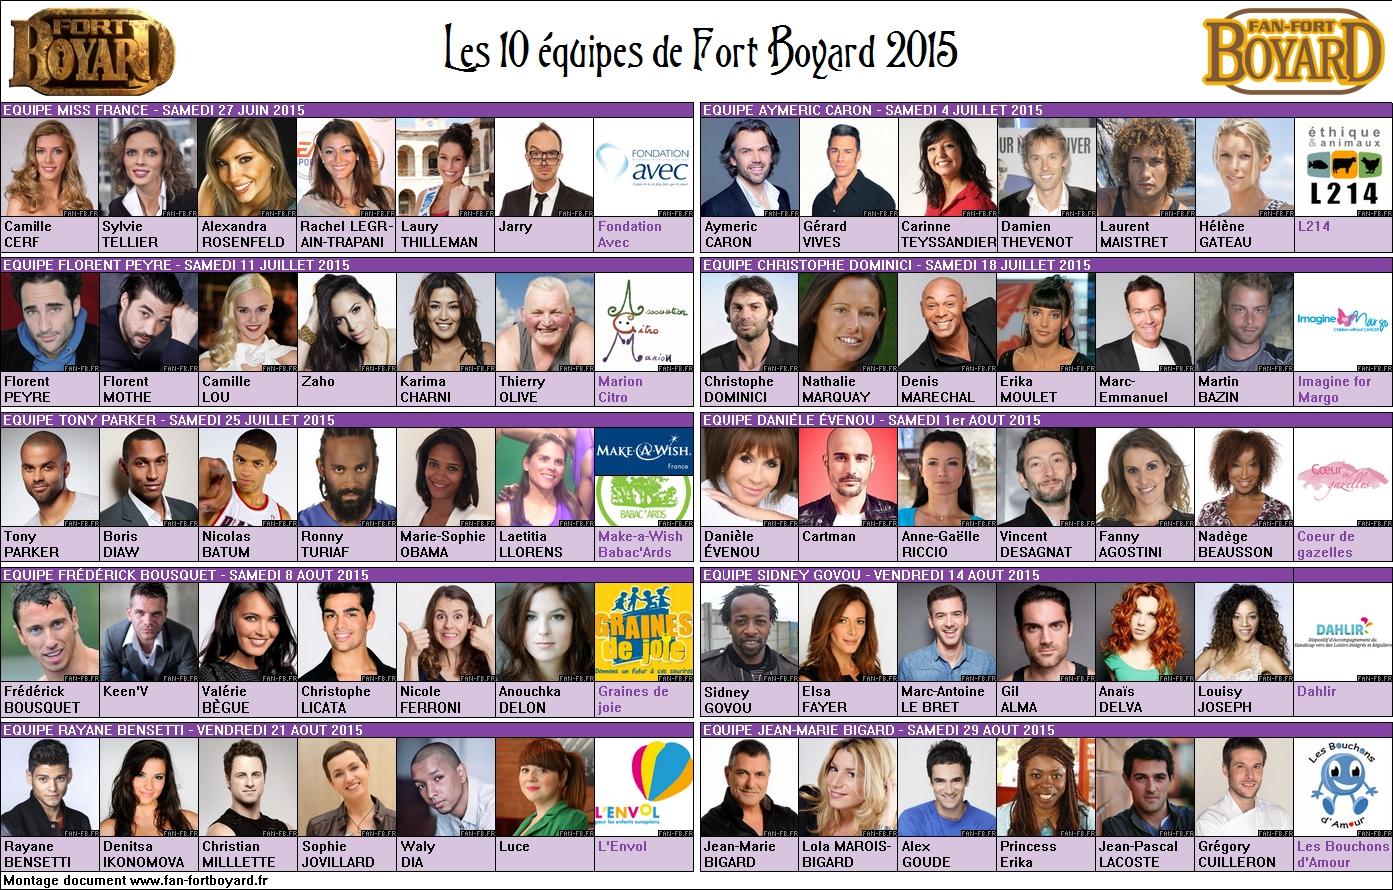 Fort Boyard 2015 - Les 10 équipes de la 26e saison